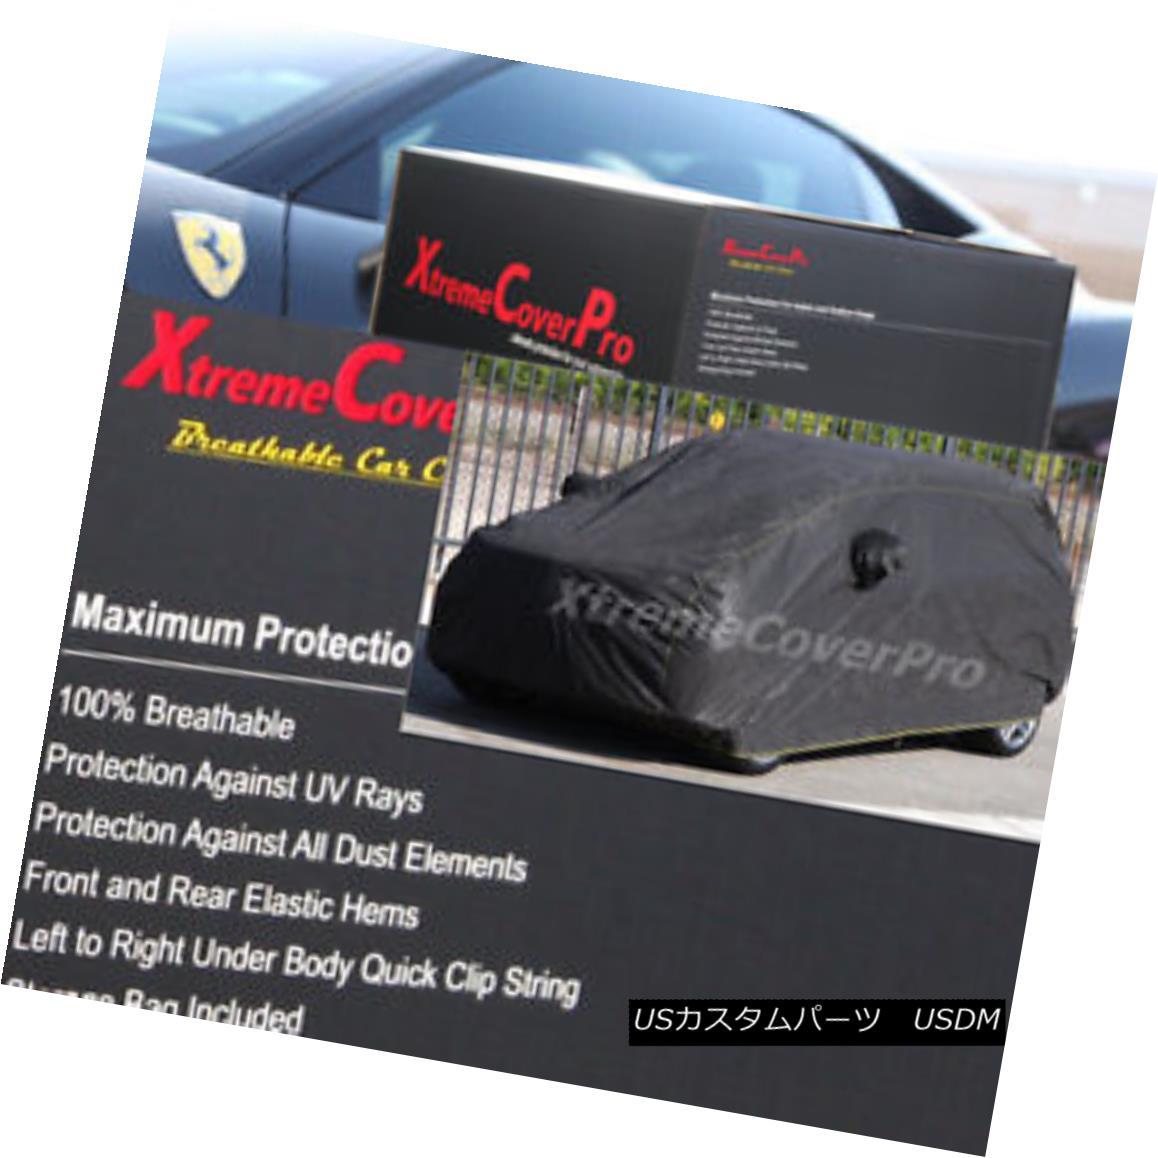 カーカバー 2016 2017 2018 DODGE GRAND CARAVAN BREATHABLE CAR COVER W/MIRROR POCKET - BLACK 2016 2017 2018ダッジ・グランド・カラバンBREATHABLE CAR COVER WIRER POCKET - BLACK